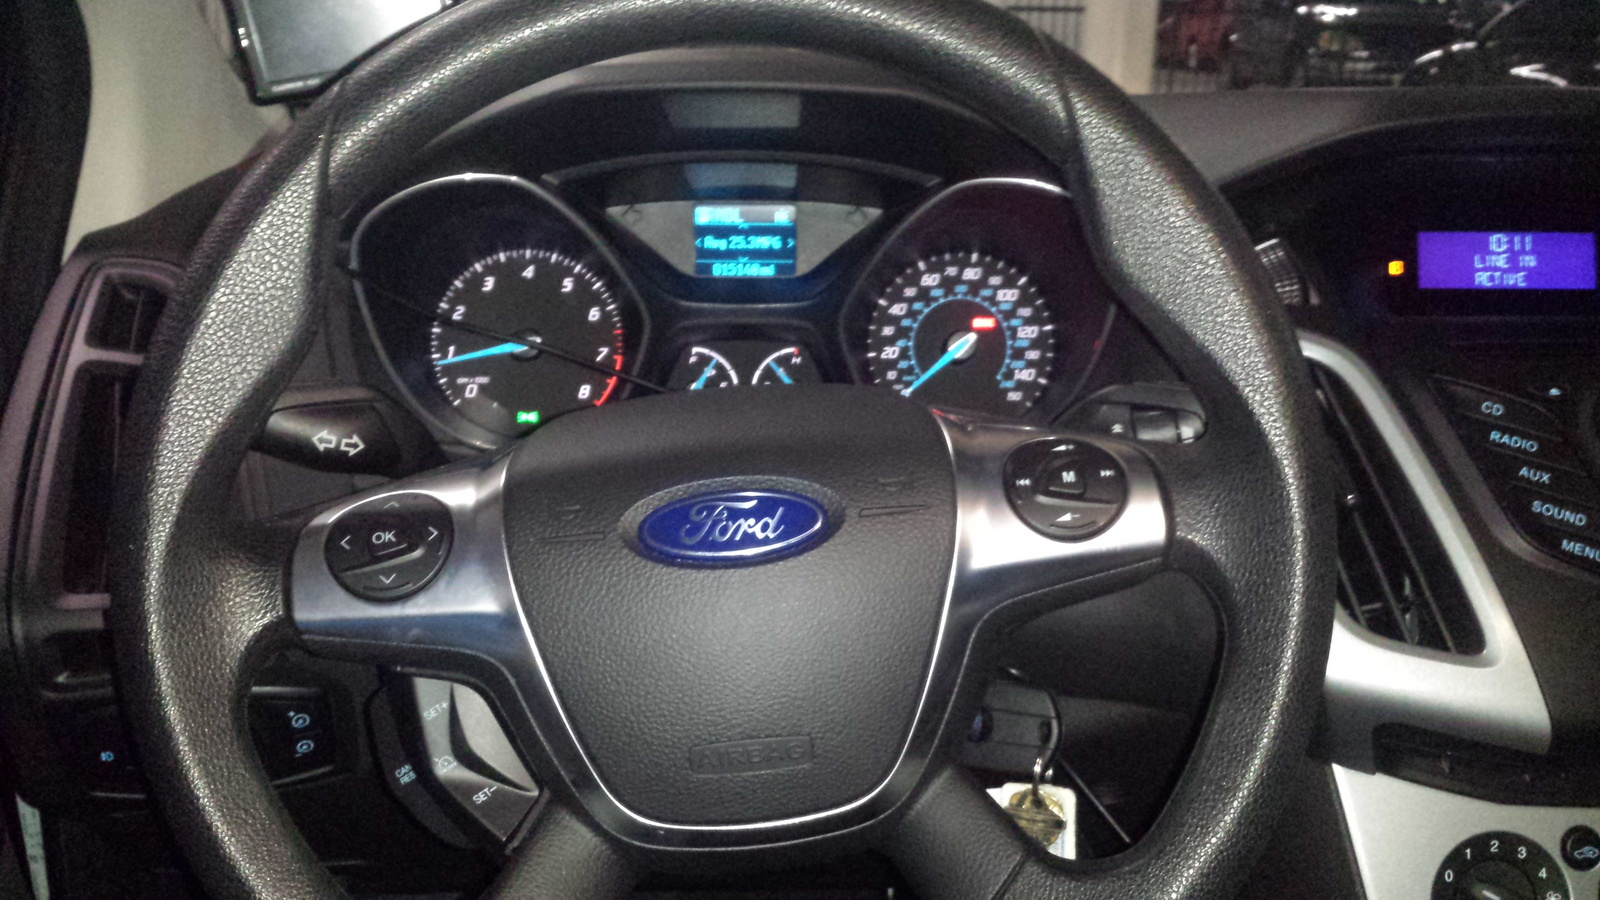 2012 Ford Focus Pictures Cargurus